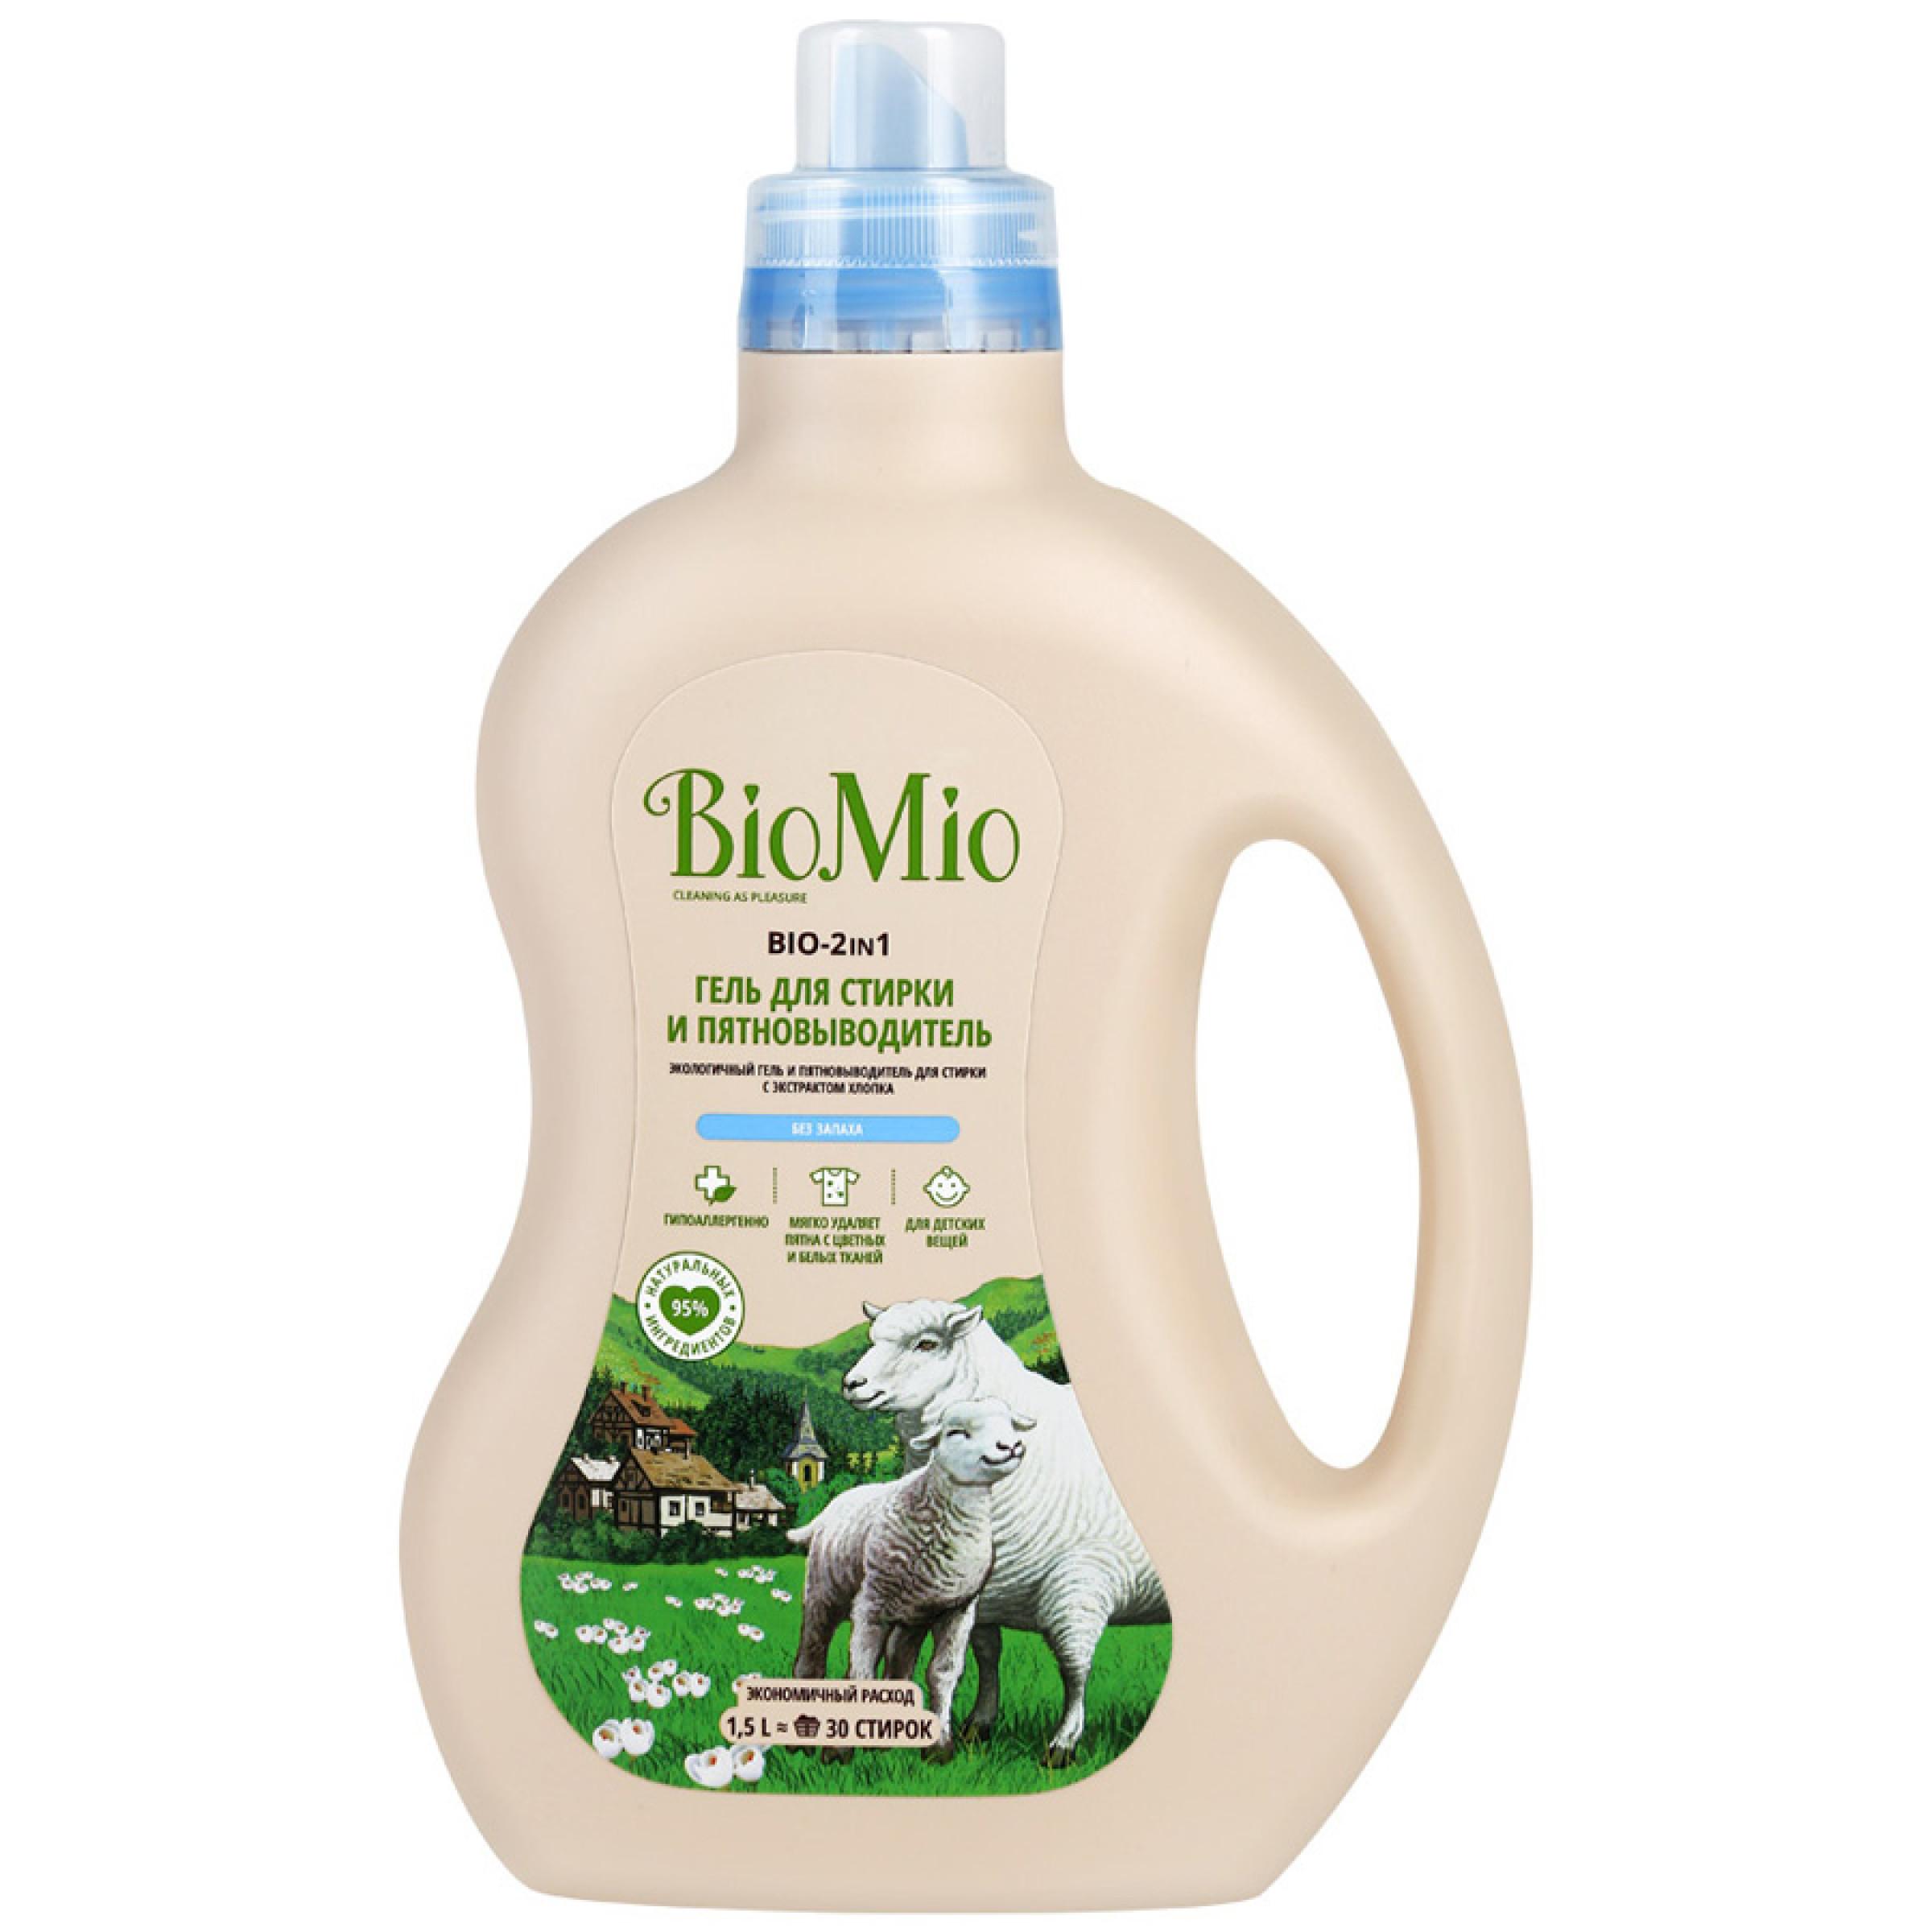 """Гель-пятновыводитель """"BioMio"""" для стирки белья, без запаха, 1. 5л."""